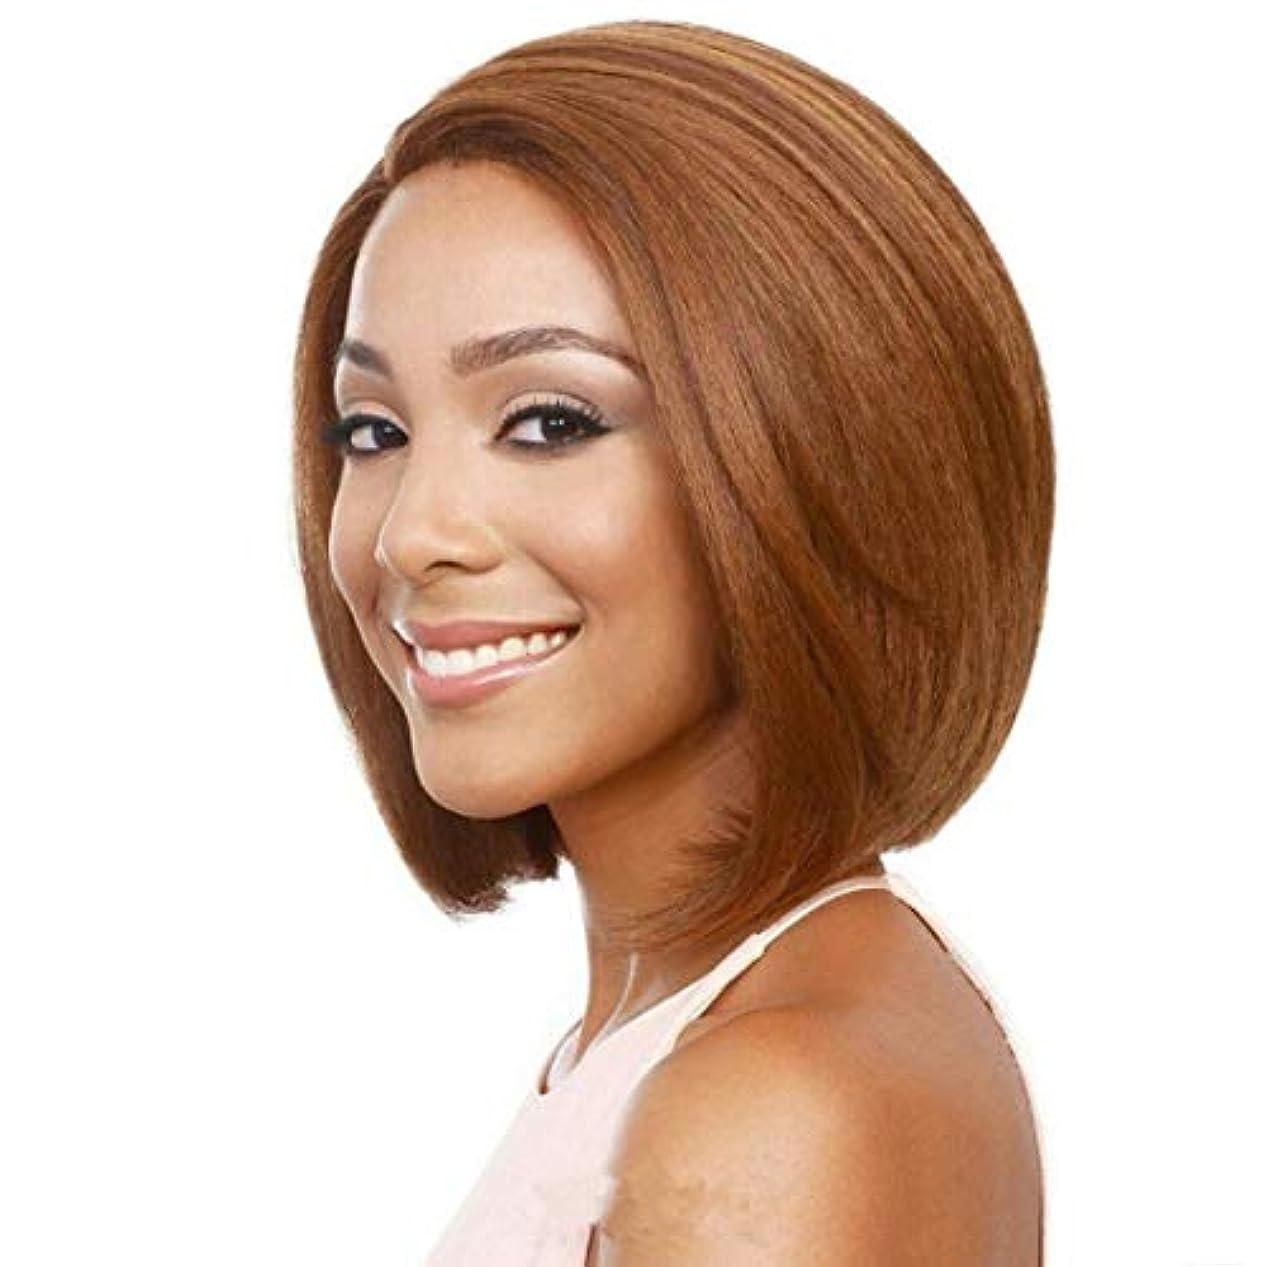 アシスタント発火する聡明Kerwinner 前髪合成耐熱性女性のヘアスタイルと短いふわふわボブ変態ストレートヘアウィッグ (Color : Light Brown)